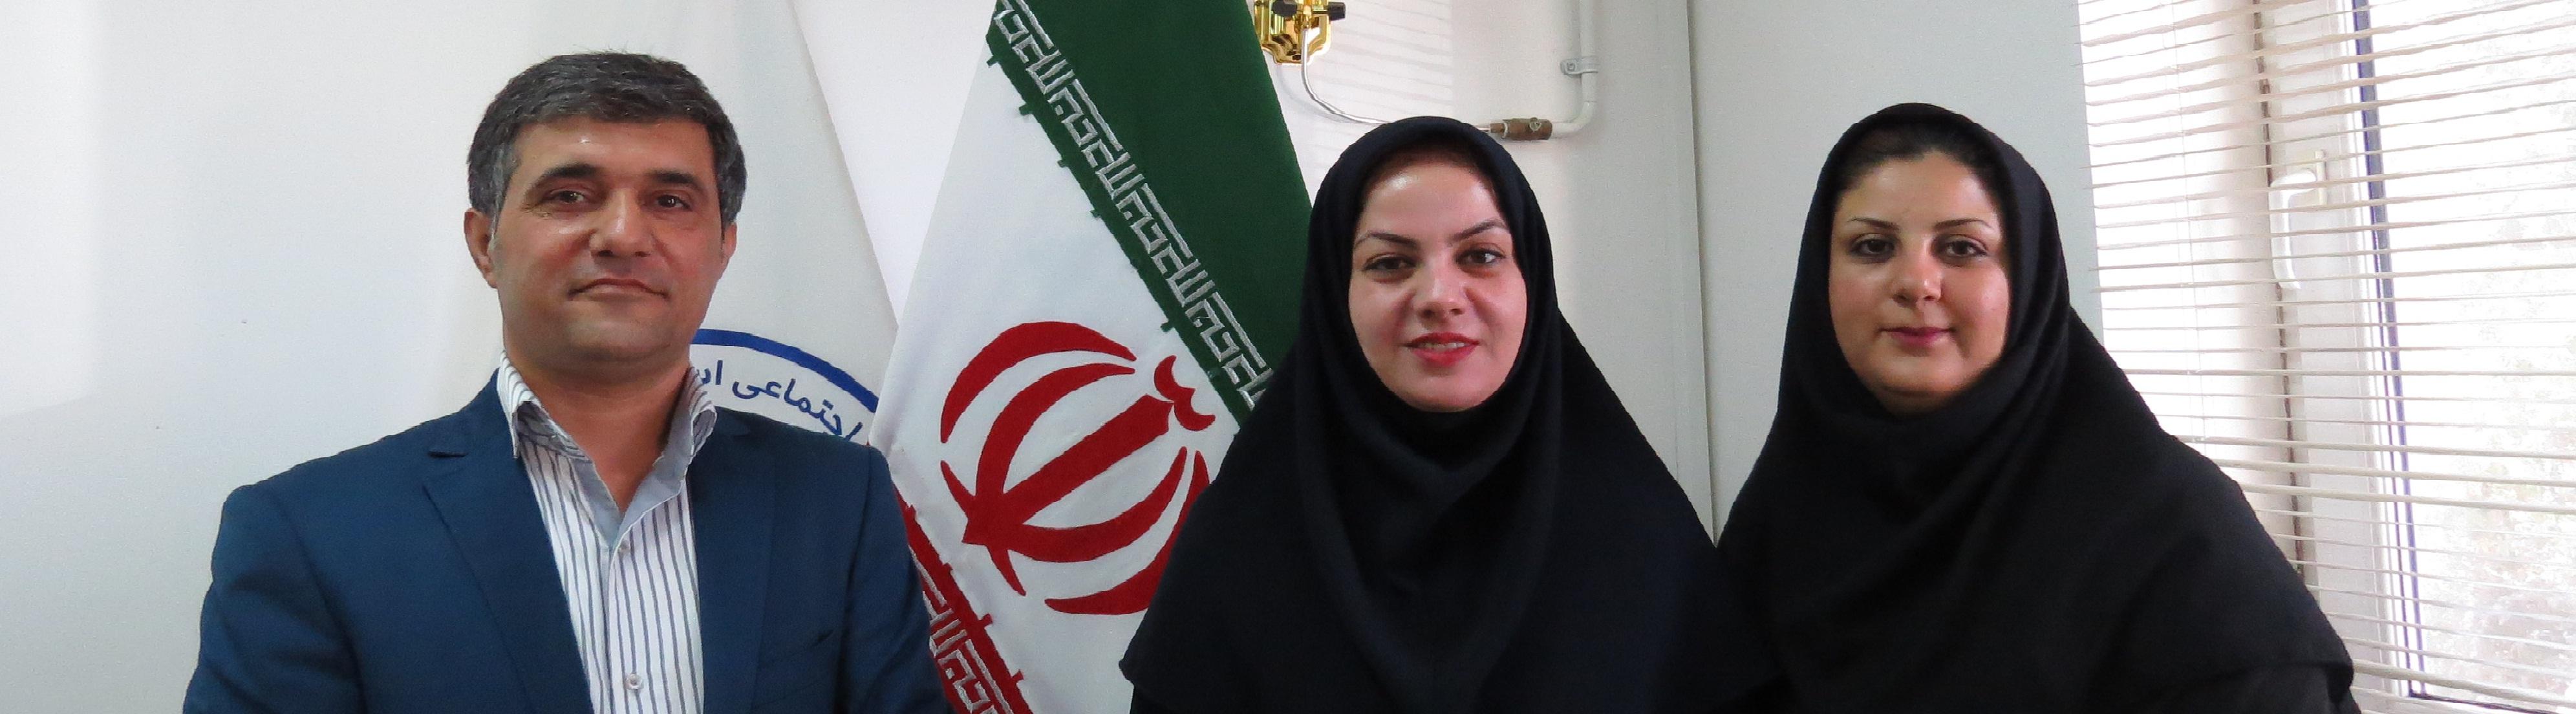 انتصاب خانم طیبه طهرانی به عنوان مدیریت استخر مهتاب